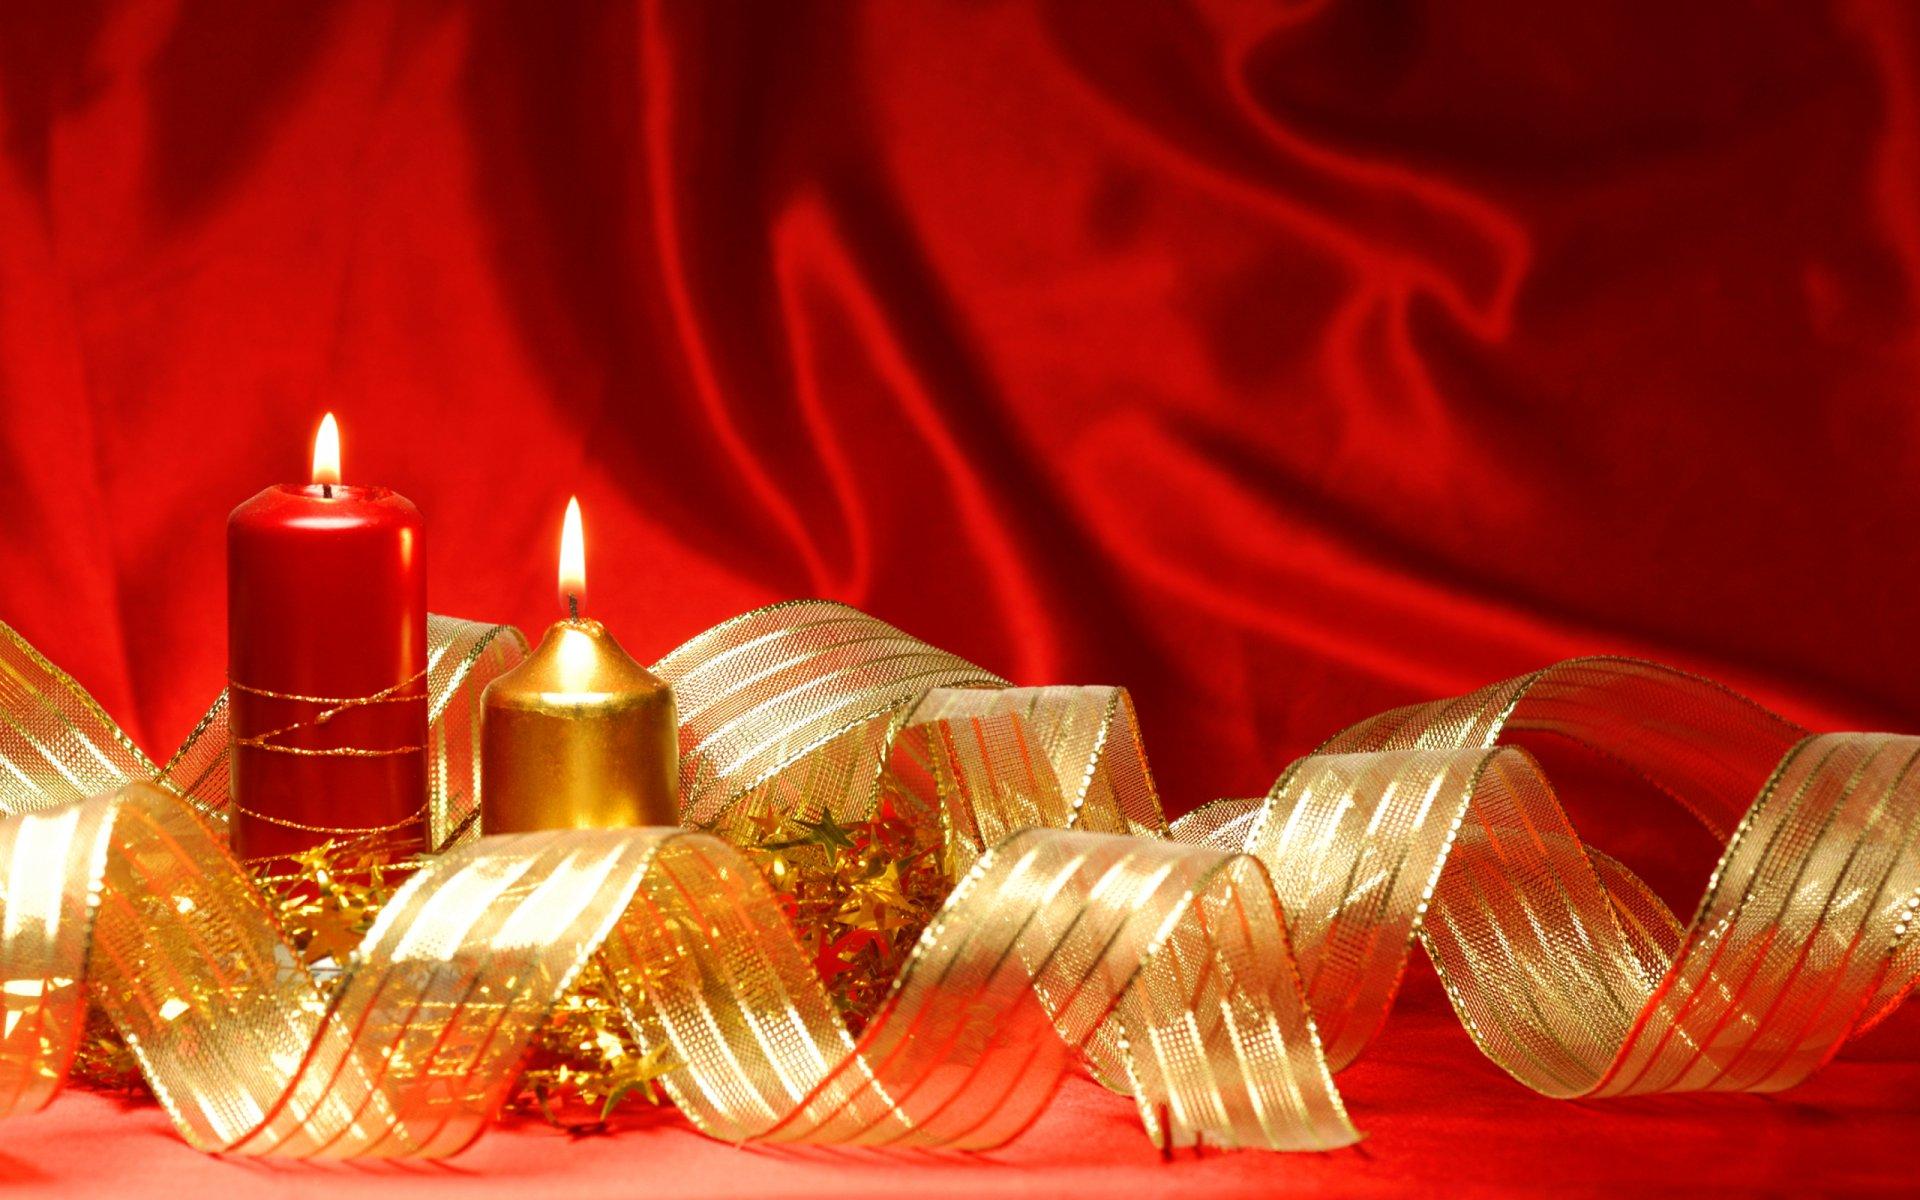 Свечи новый год  № 1395187 без смс